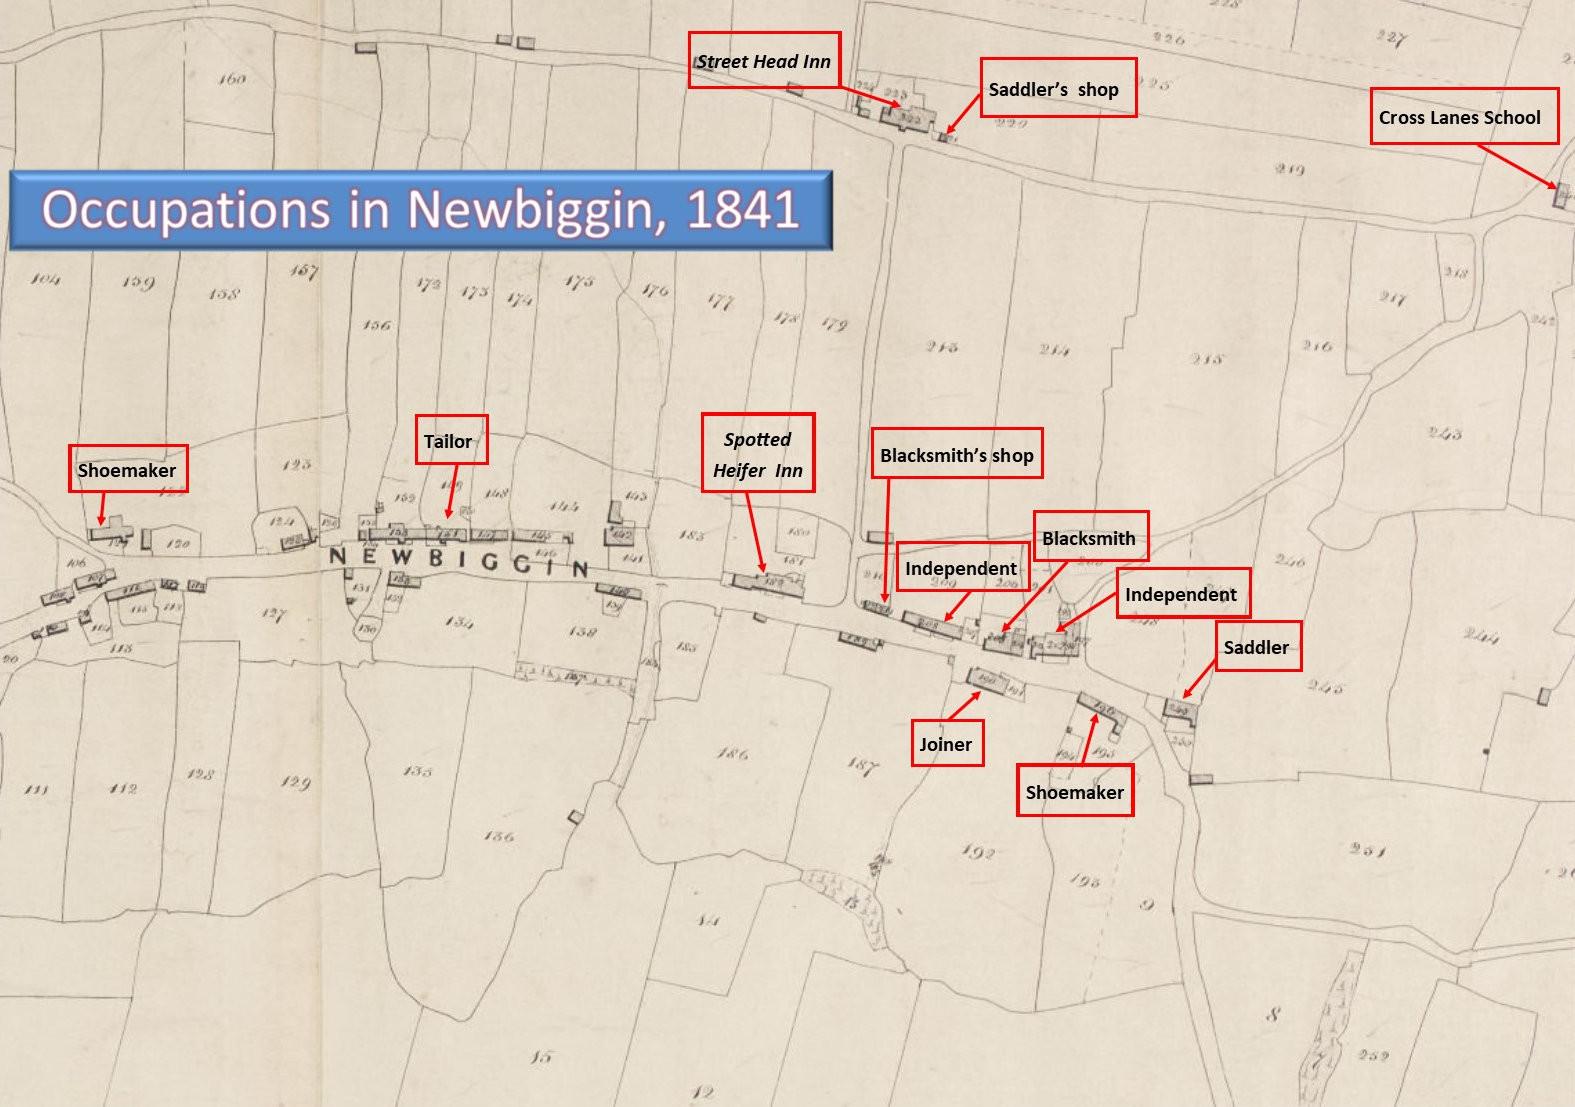 Occupations in Newbiggin 1841